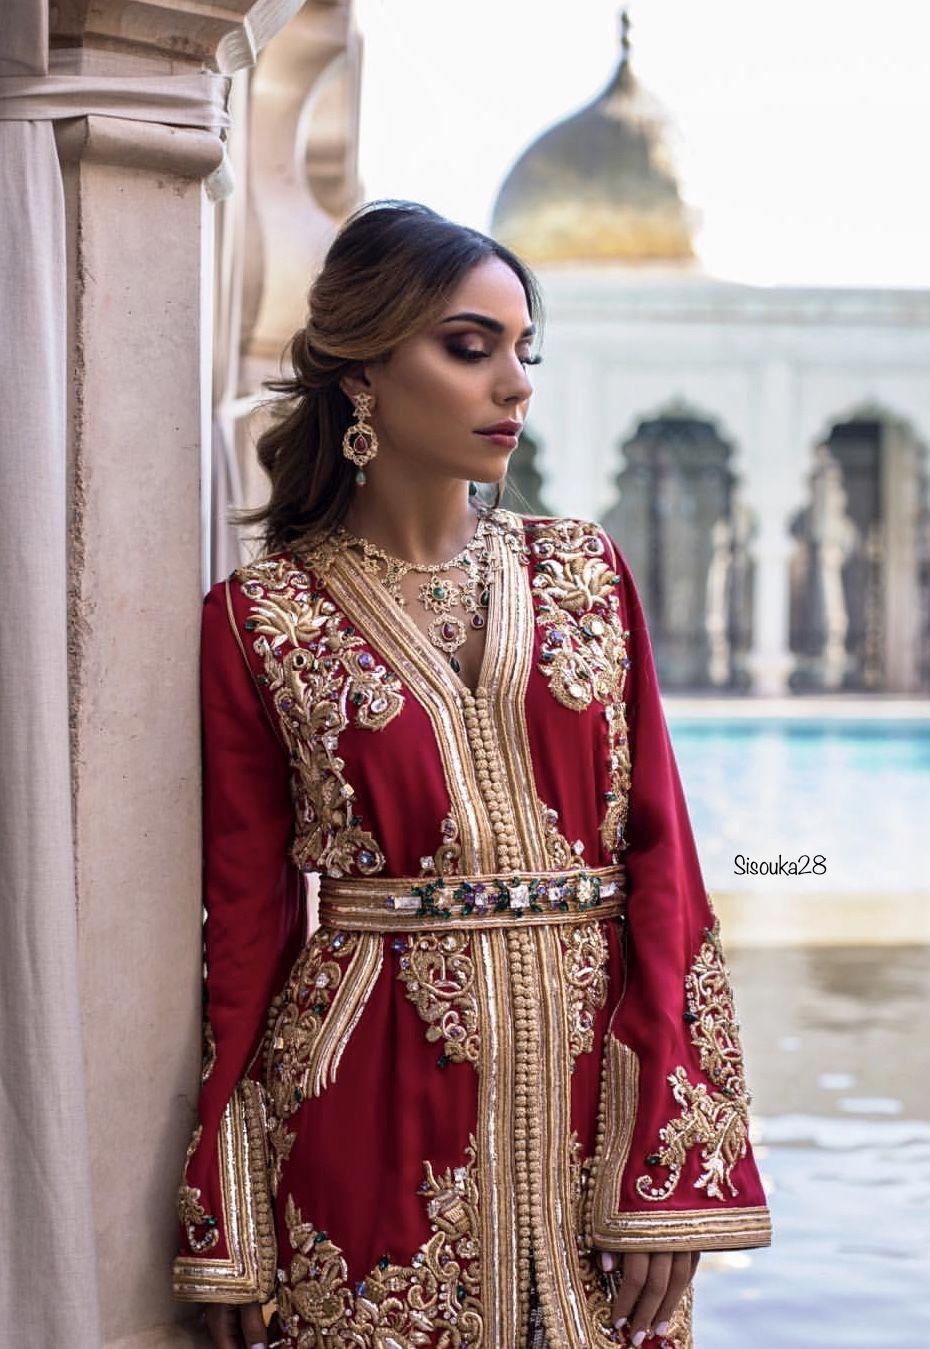 des femmes arabes kayna rencontre sexe marseille 03 13003 trouves ton plan cul sur gare aux coquines